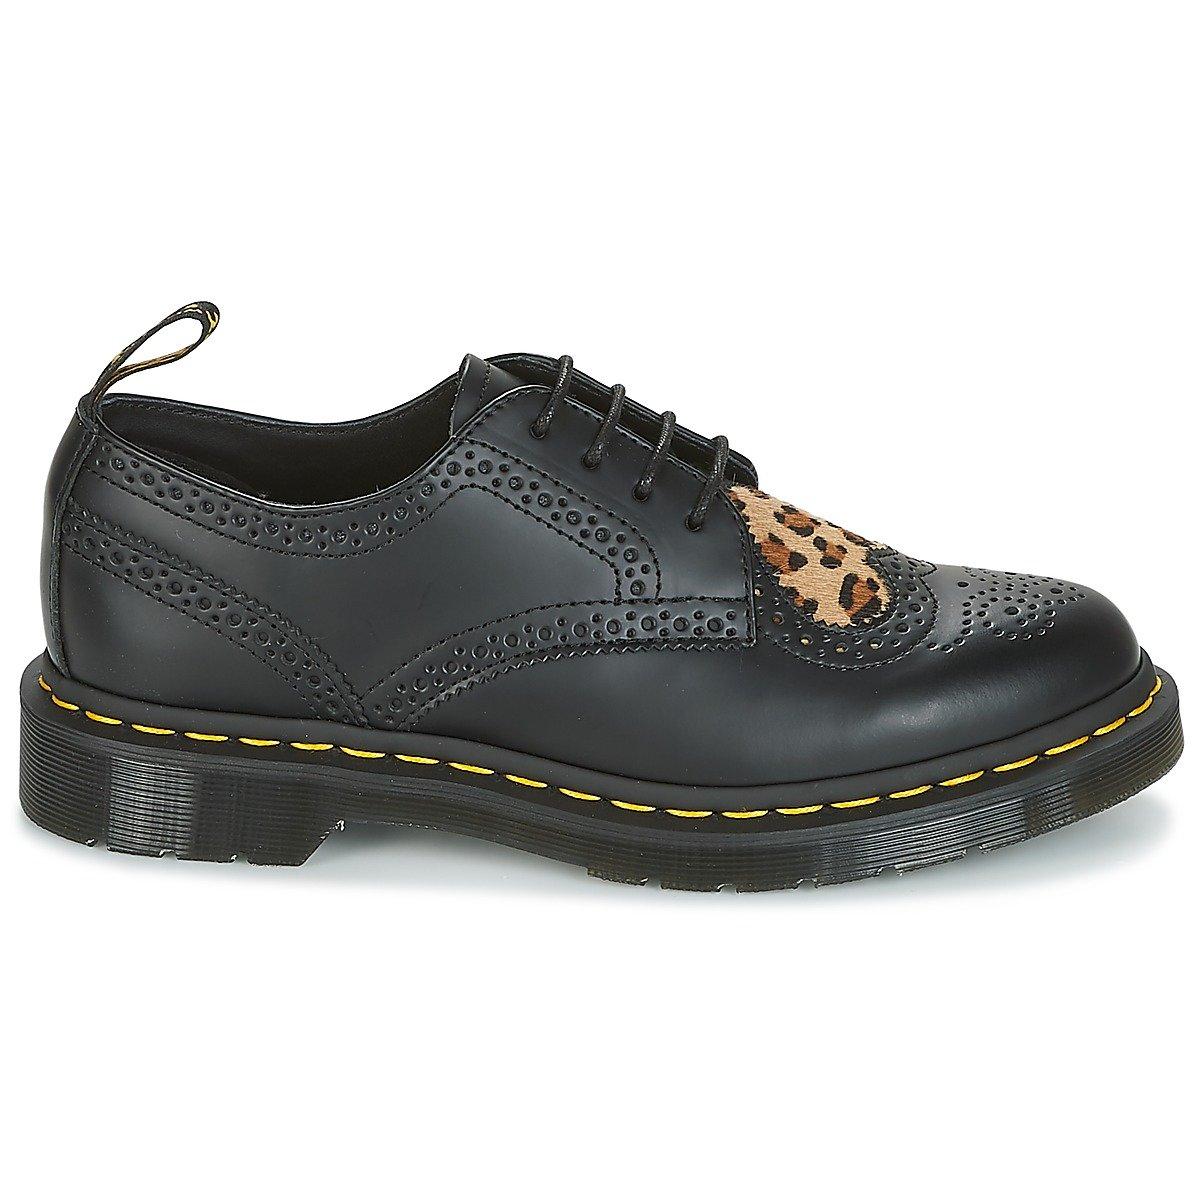 e537d6431007 Dr. Martens Joyce HRT - Black Medium Leopard: Amazon.co.uk: Shoes & Bags